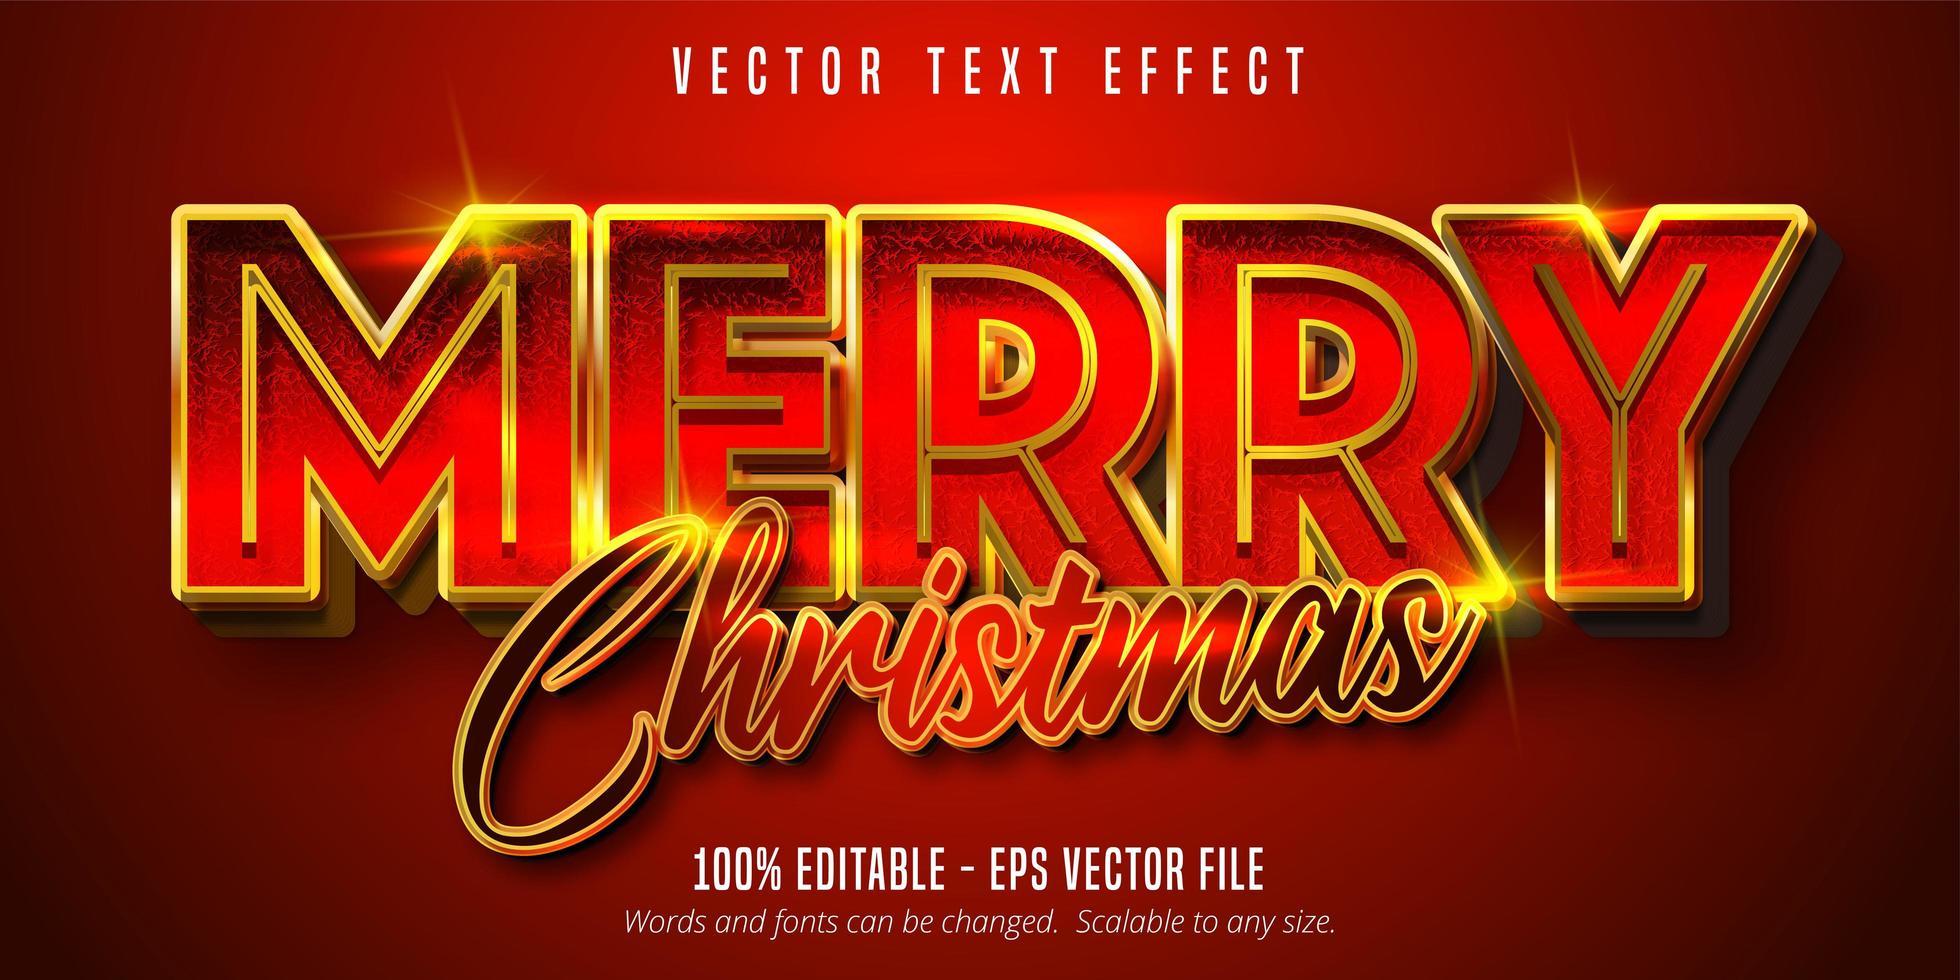 god jultext, lyxig gyllene stil redigerbar texteffekt på röd färgbakgrund vektor